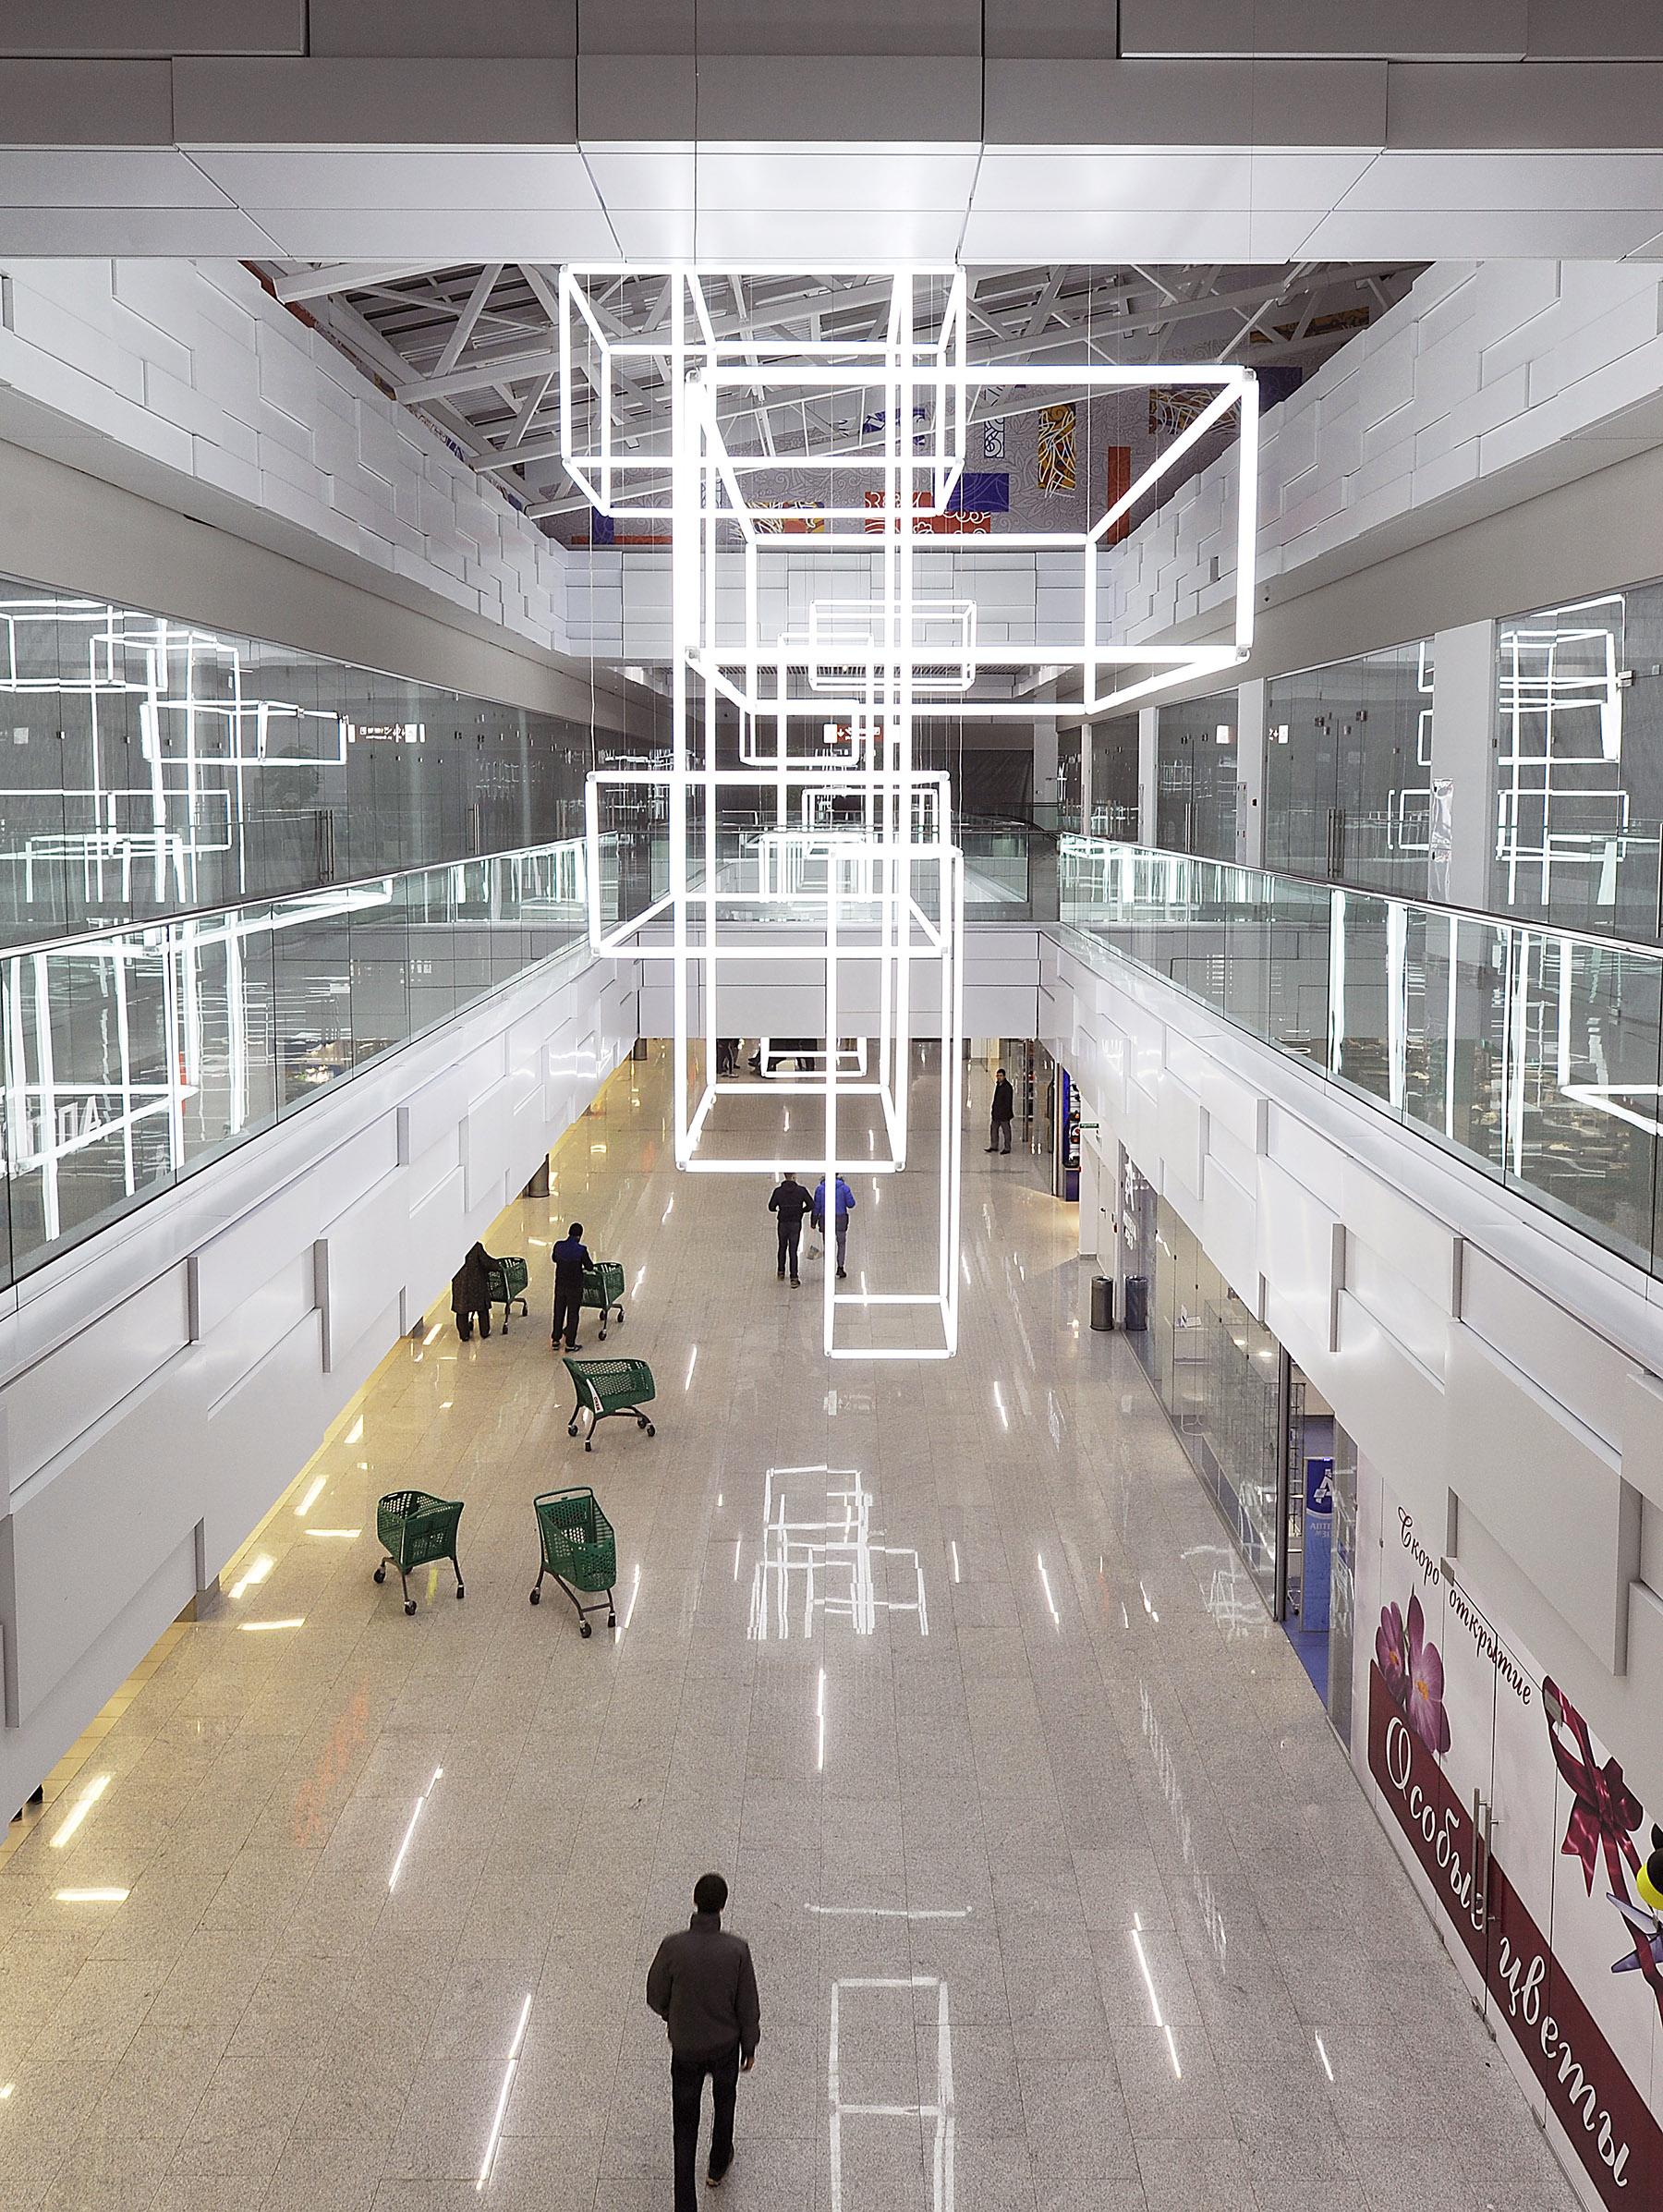 Бюро Горшунова, Станислав Горшунов Архитектор, Торговый центр , Тц Жар птица, Дизайн Интрьера